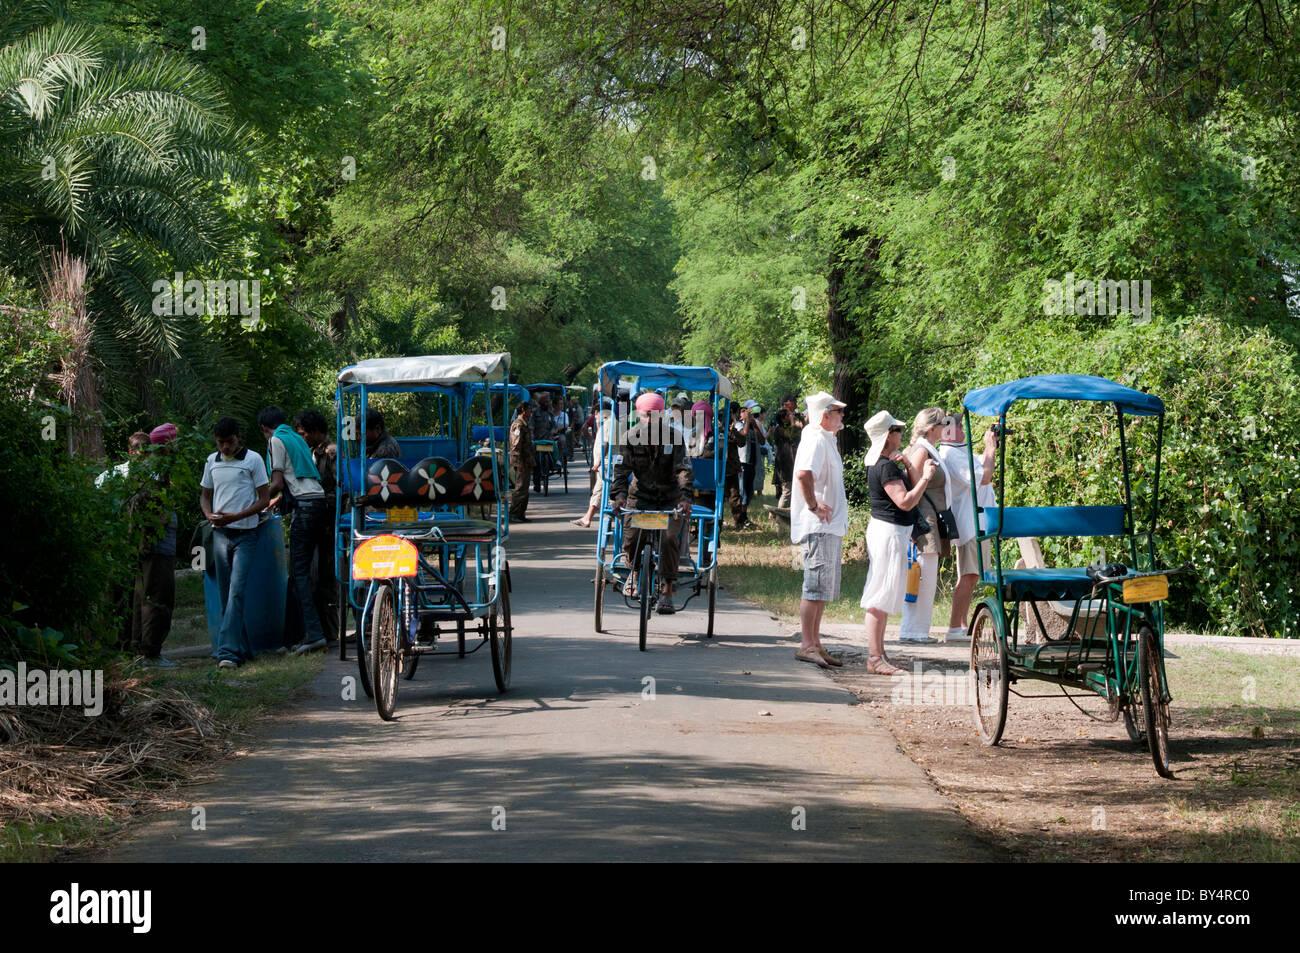 Cycle Rickshaws at Bharatpur National Park - Stock Image